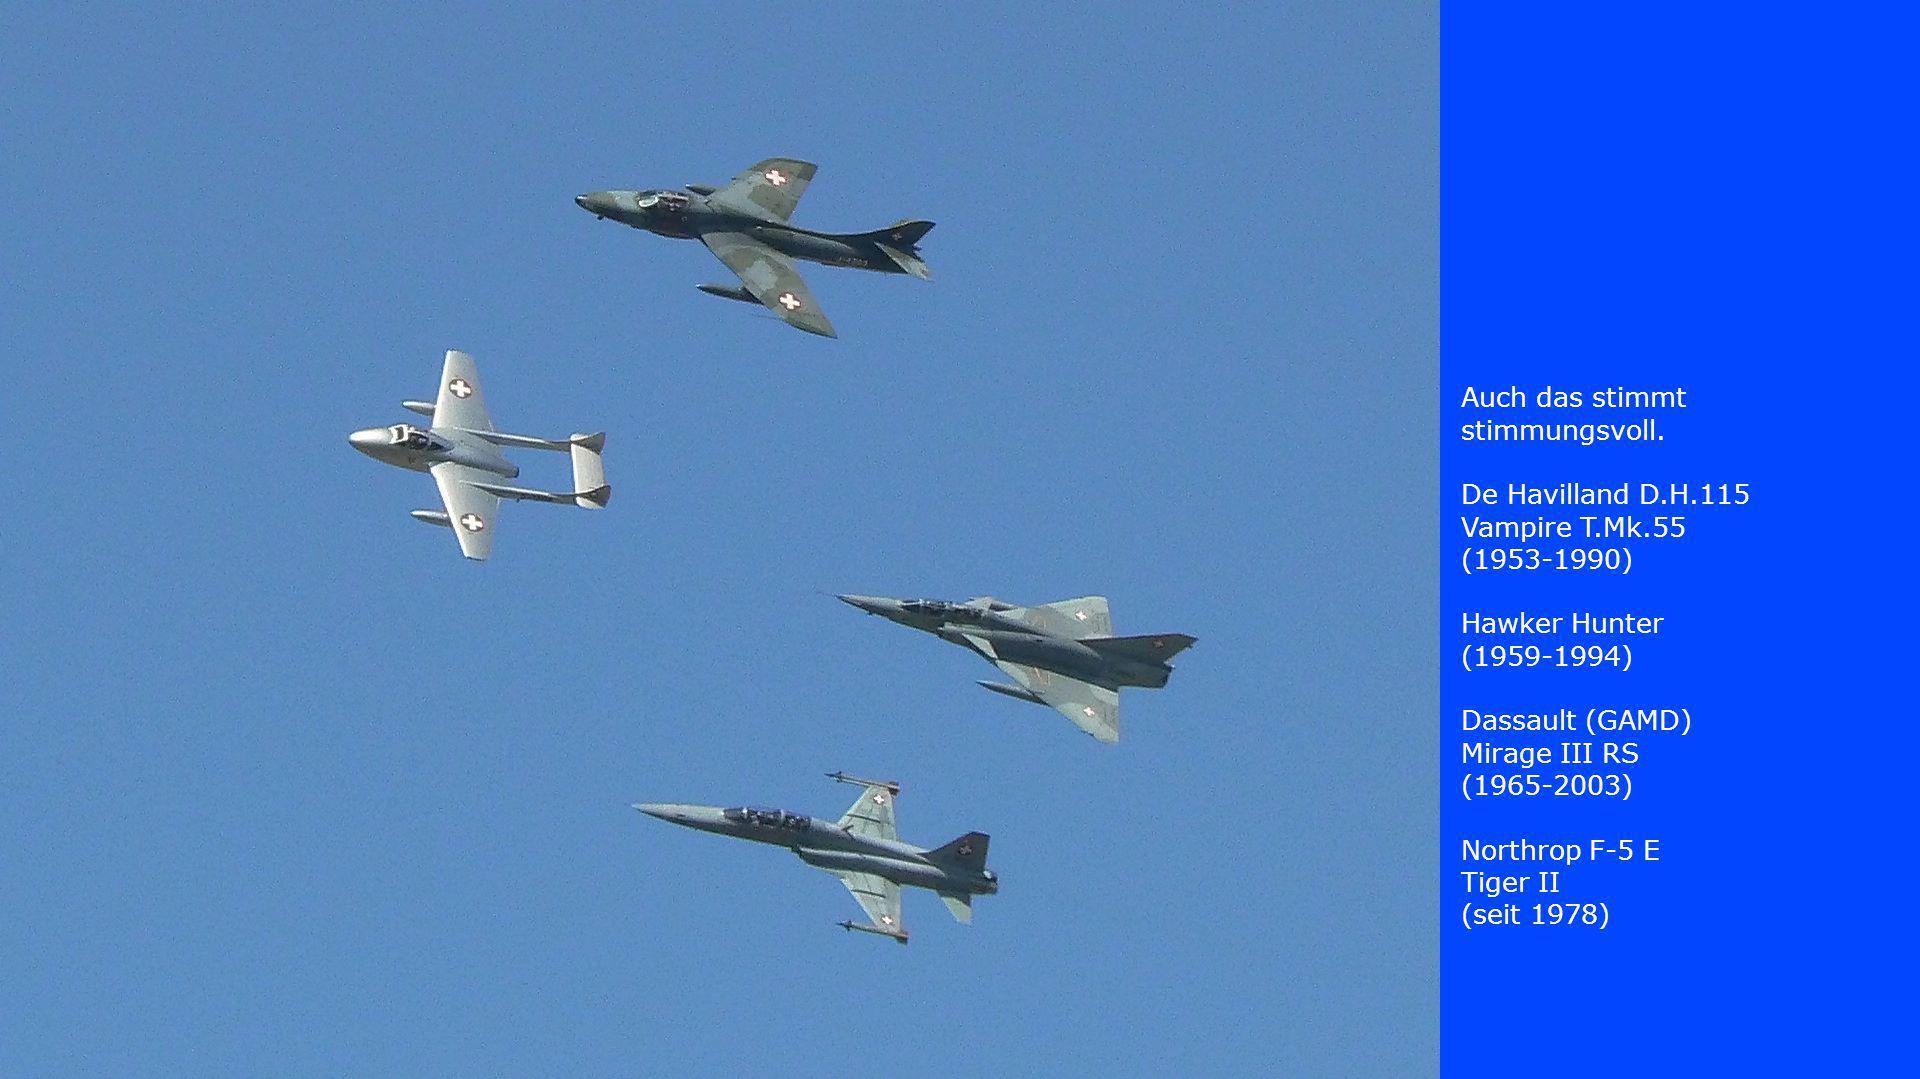 Auch das stimmt stimmungsvoll. De Havilland D.H.115 Vampire T.Mk.55 (1953-1990) Hawker Hunter (1959-1994) Dassault (GAMD) Mirage III RS (1965-2003) No